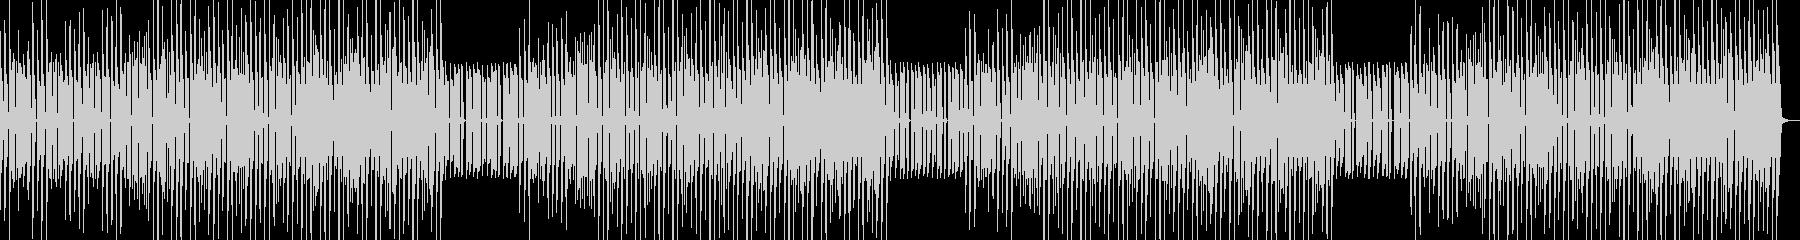 トレーニングの動画などに使えるBGMの未再生の波形